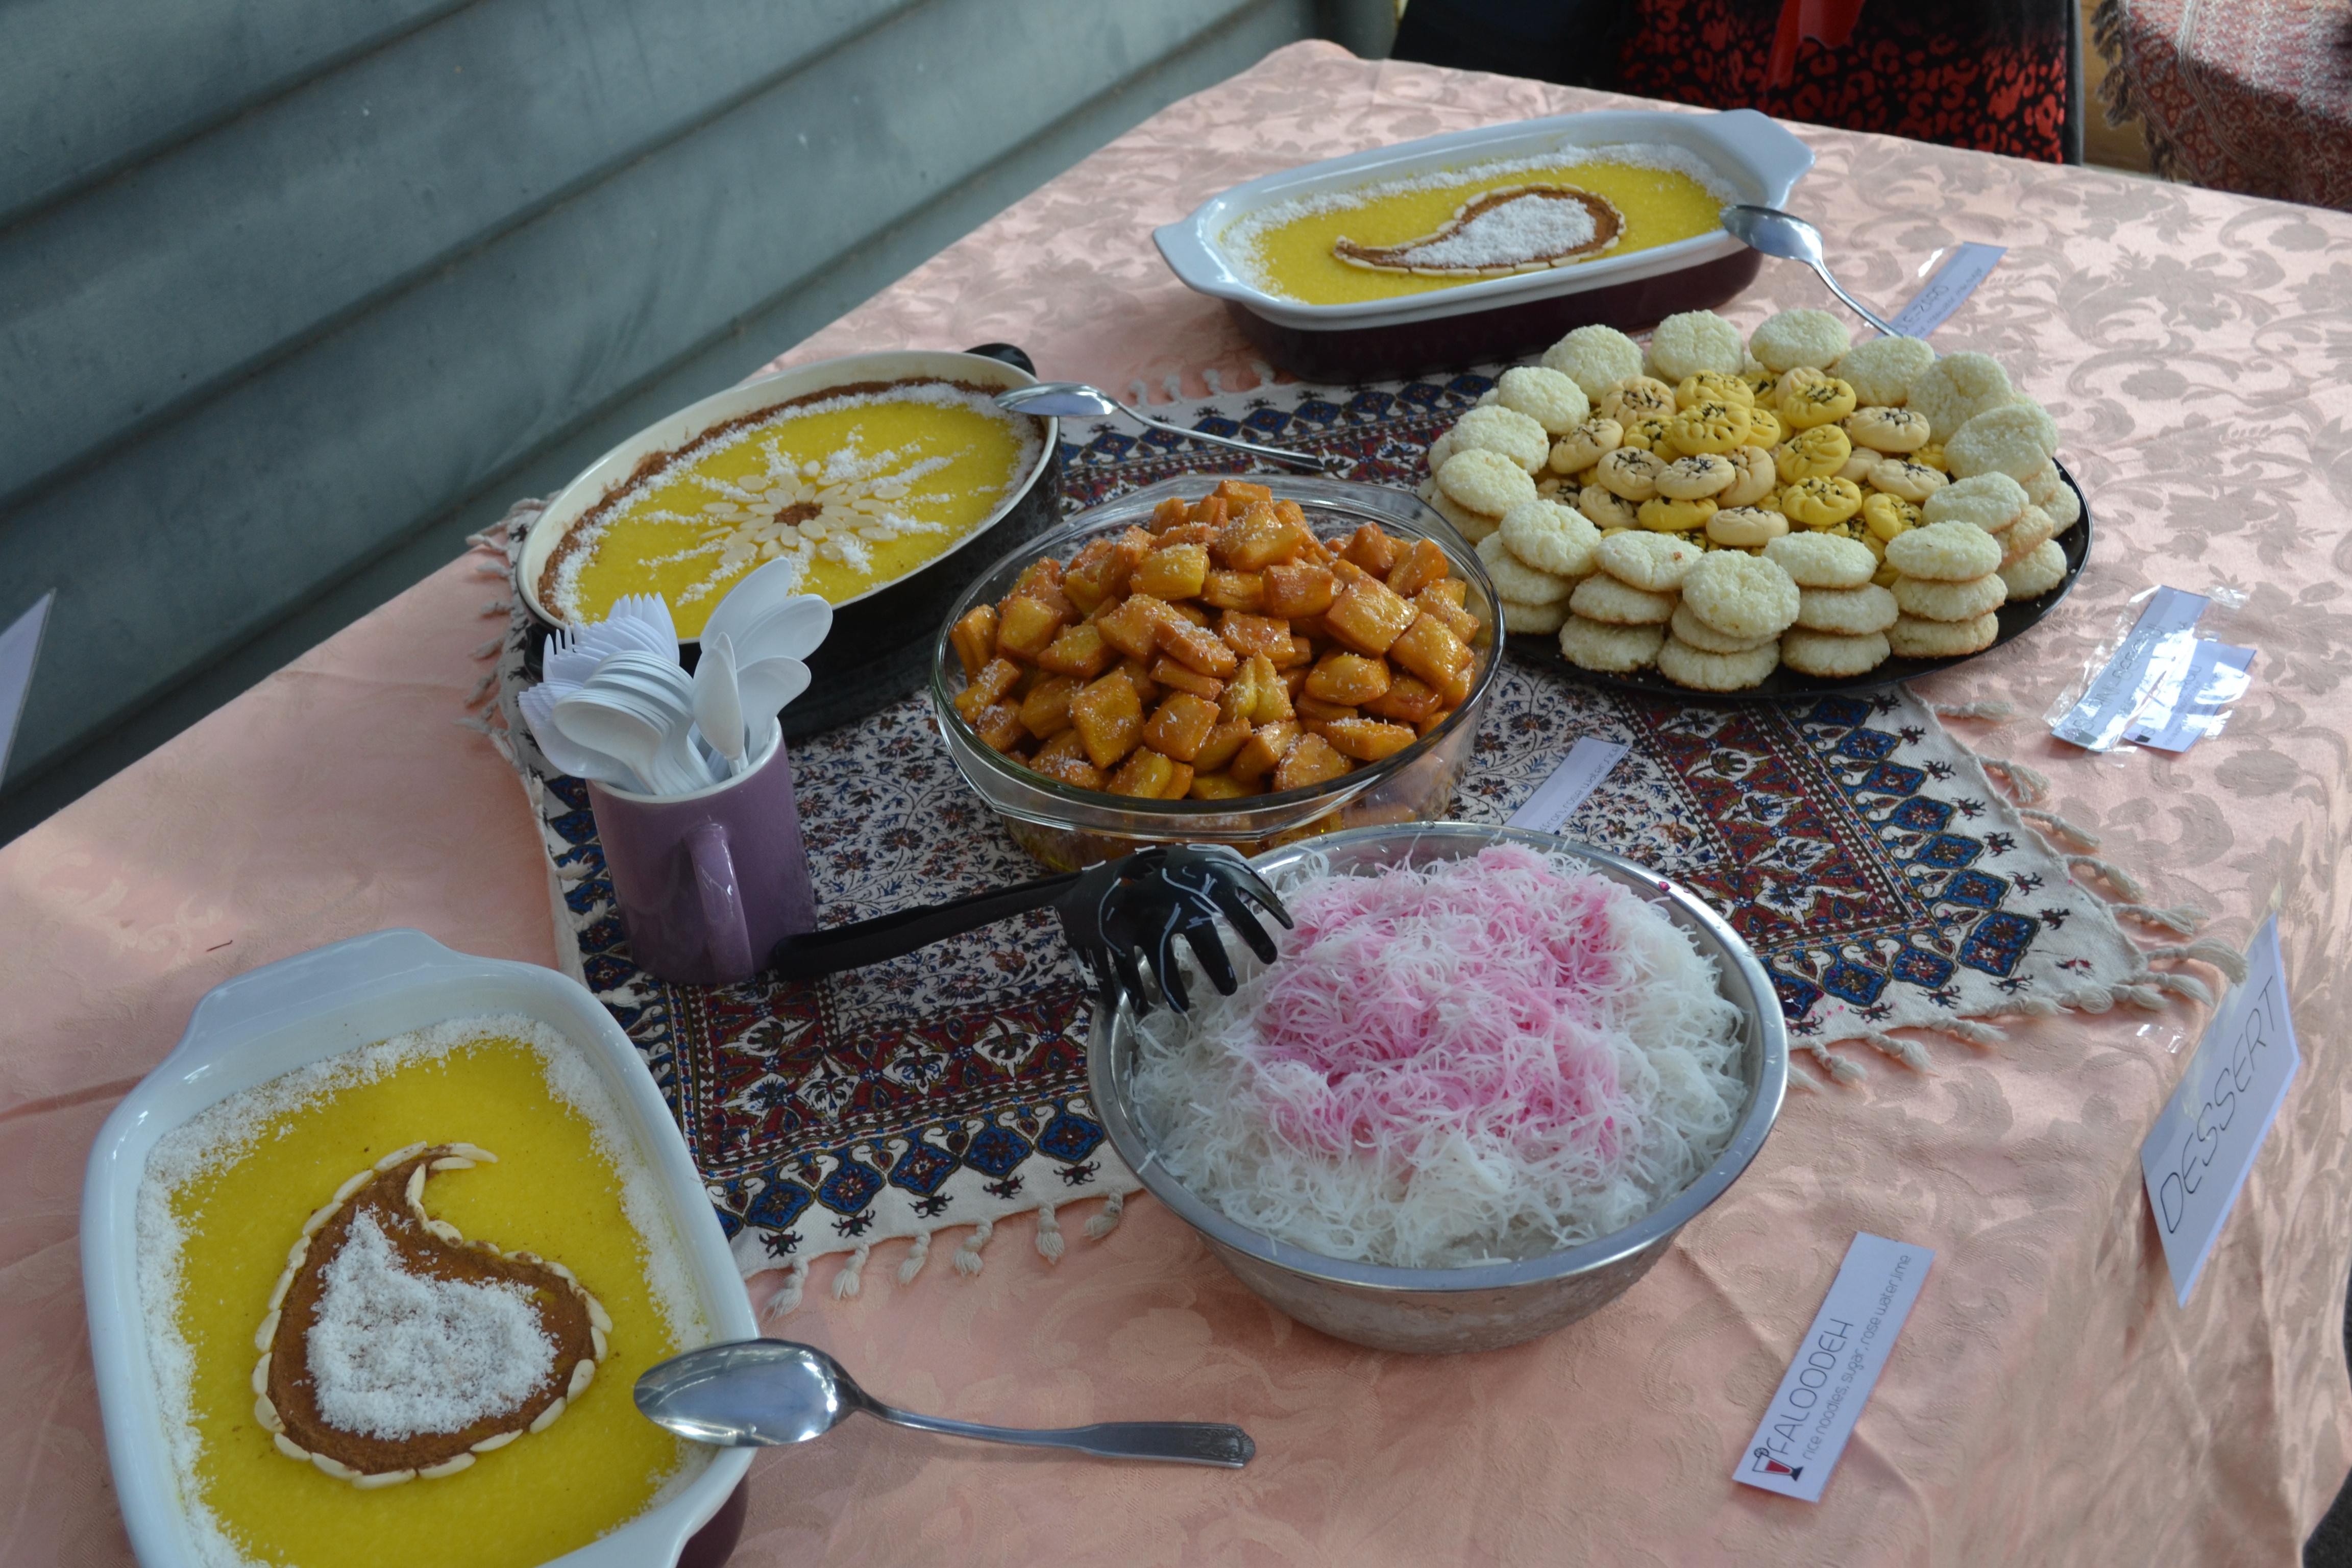 فستیوال غذاهای ایرانی - کانون آل یاسین - ملبورن - اکتبر - 2014